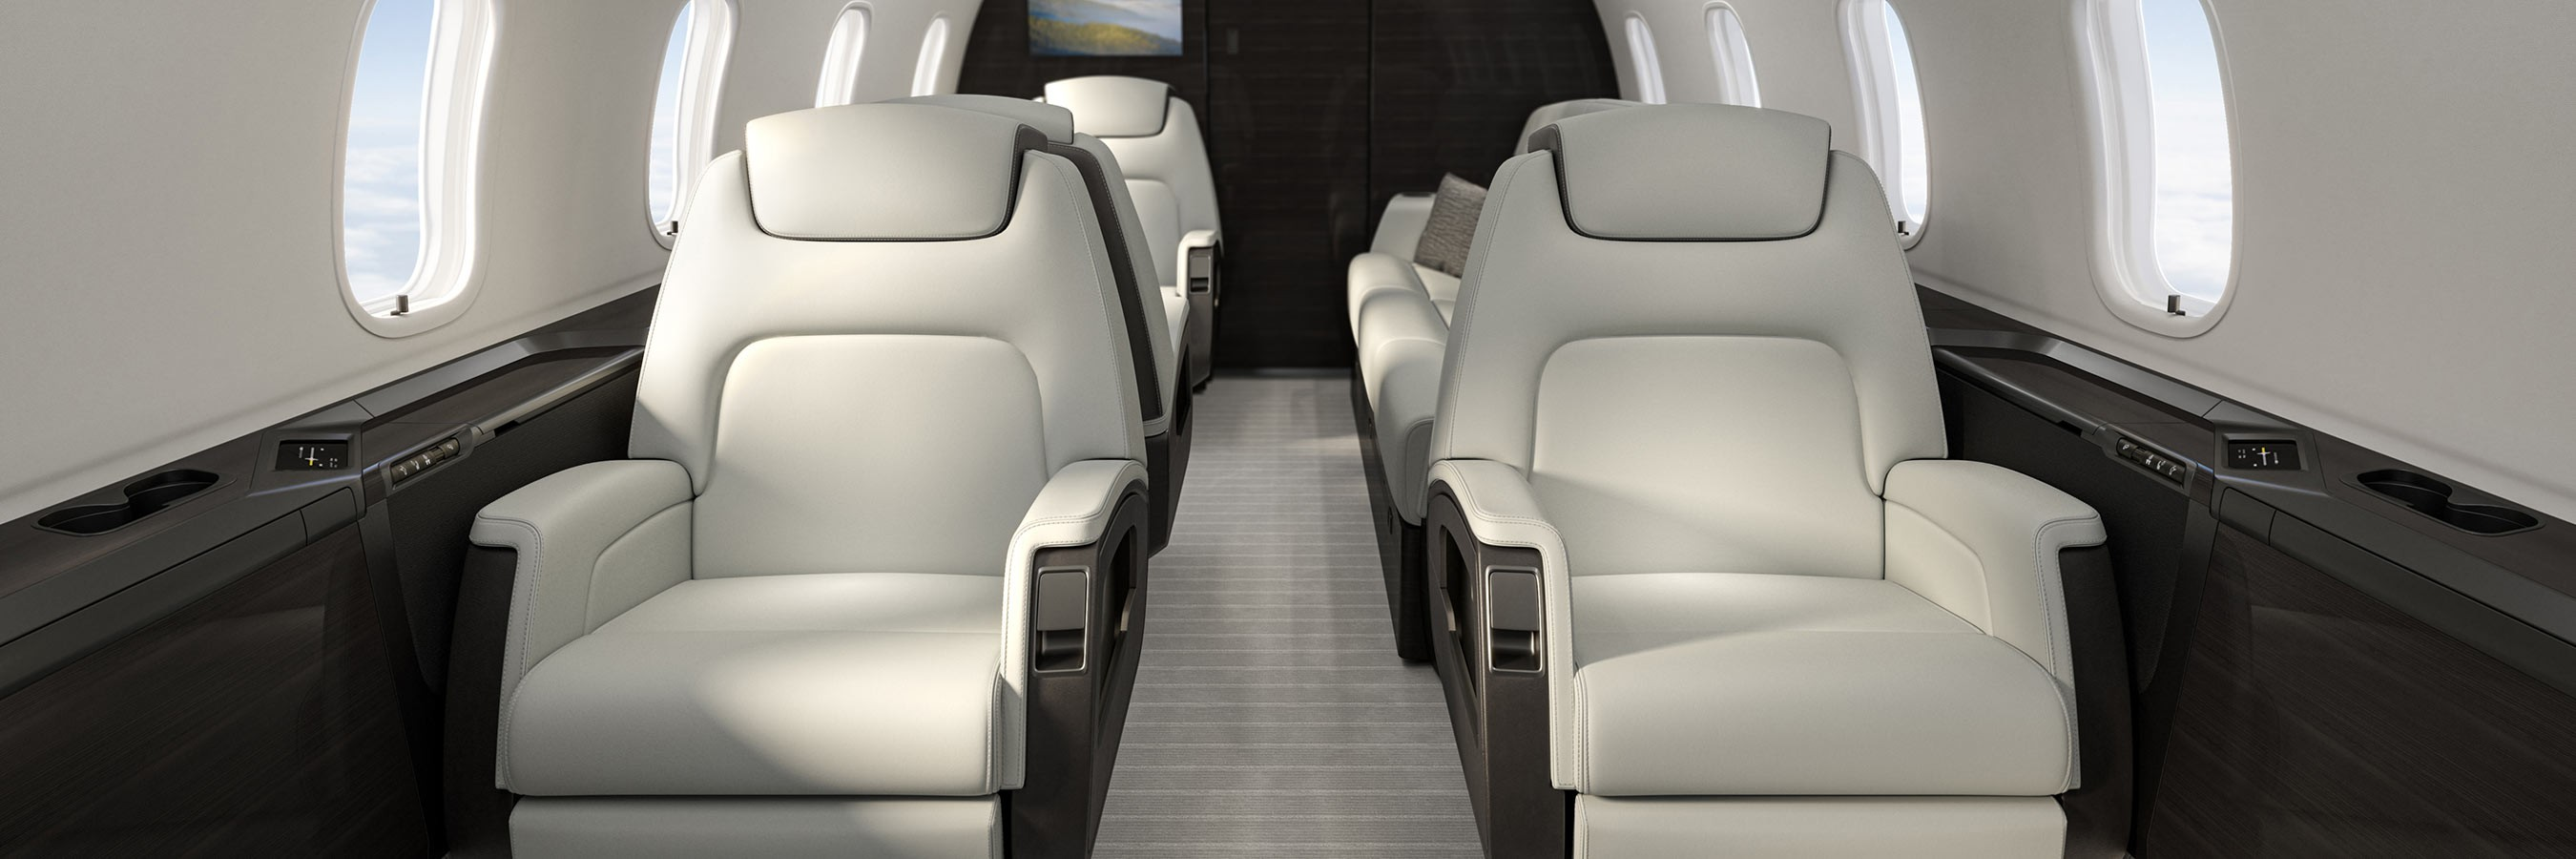 Challenger 350 - cabin world class design